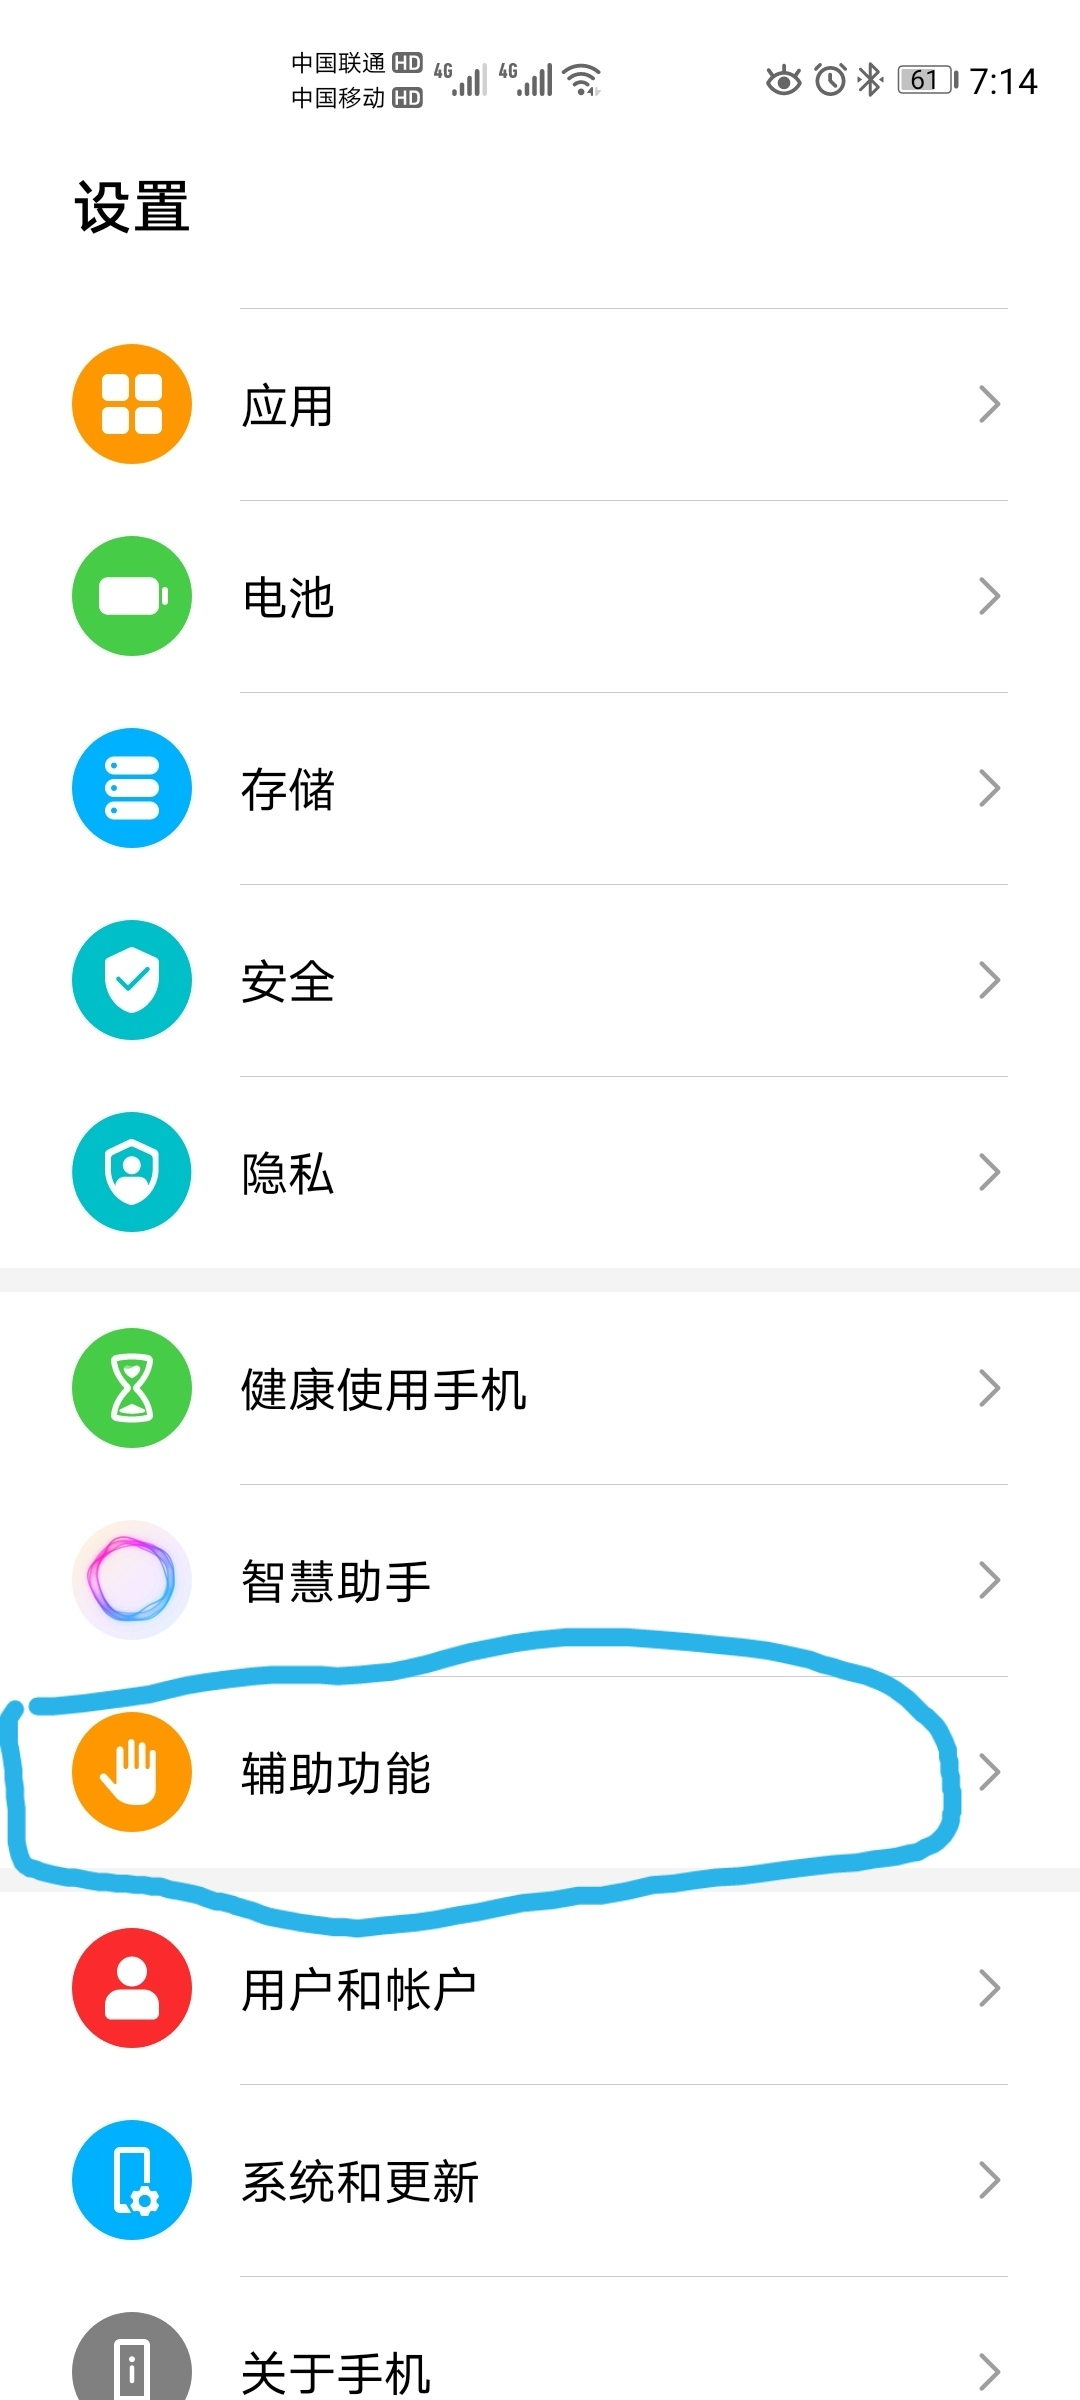 Screenshot_20200515_071514.jpg